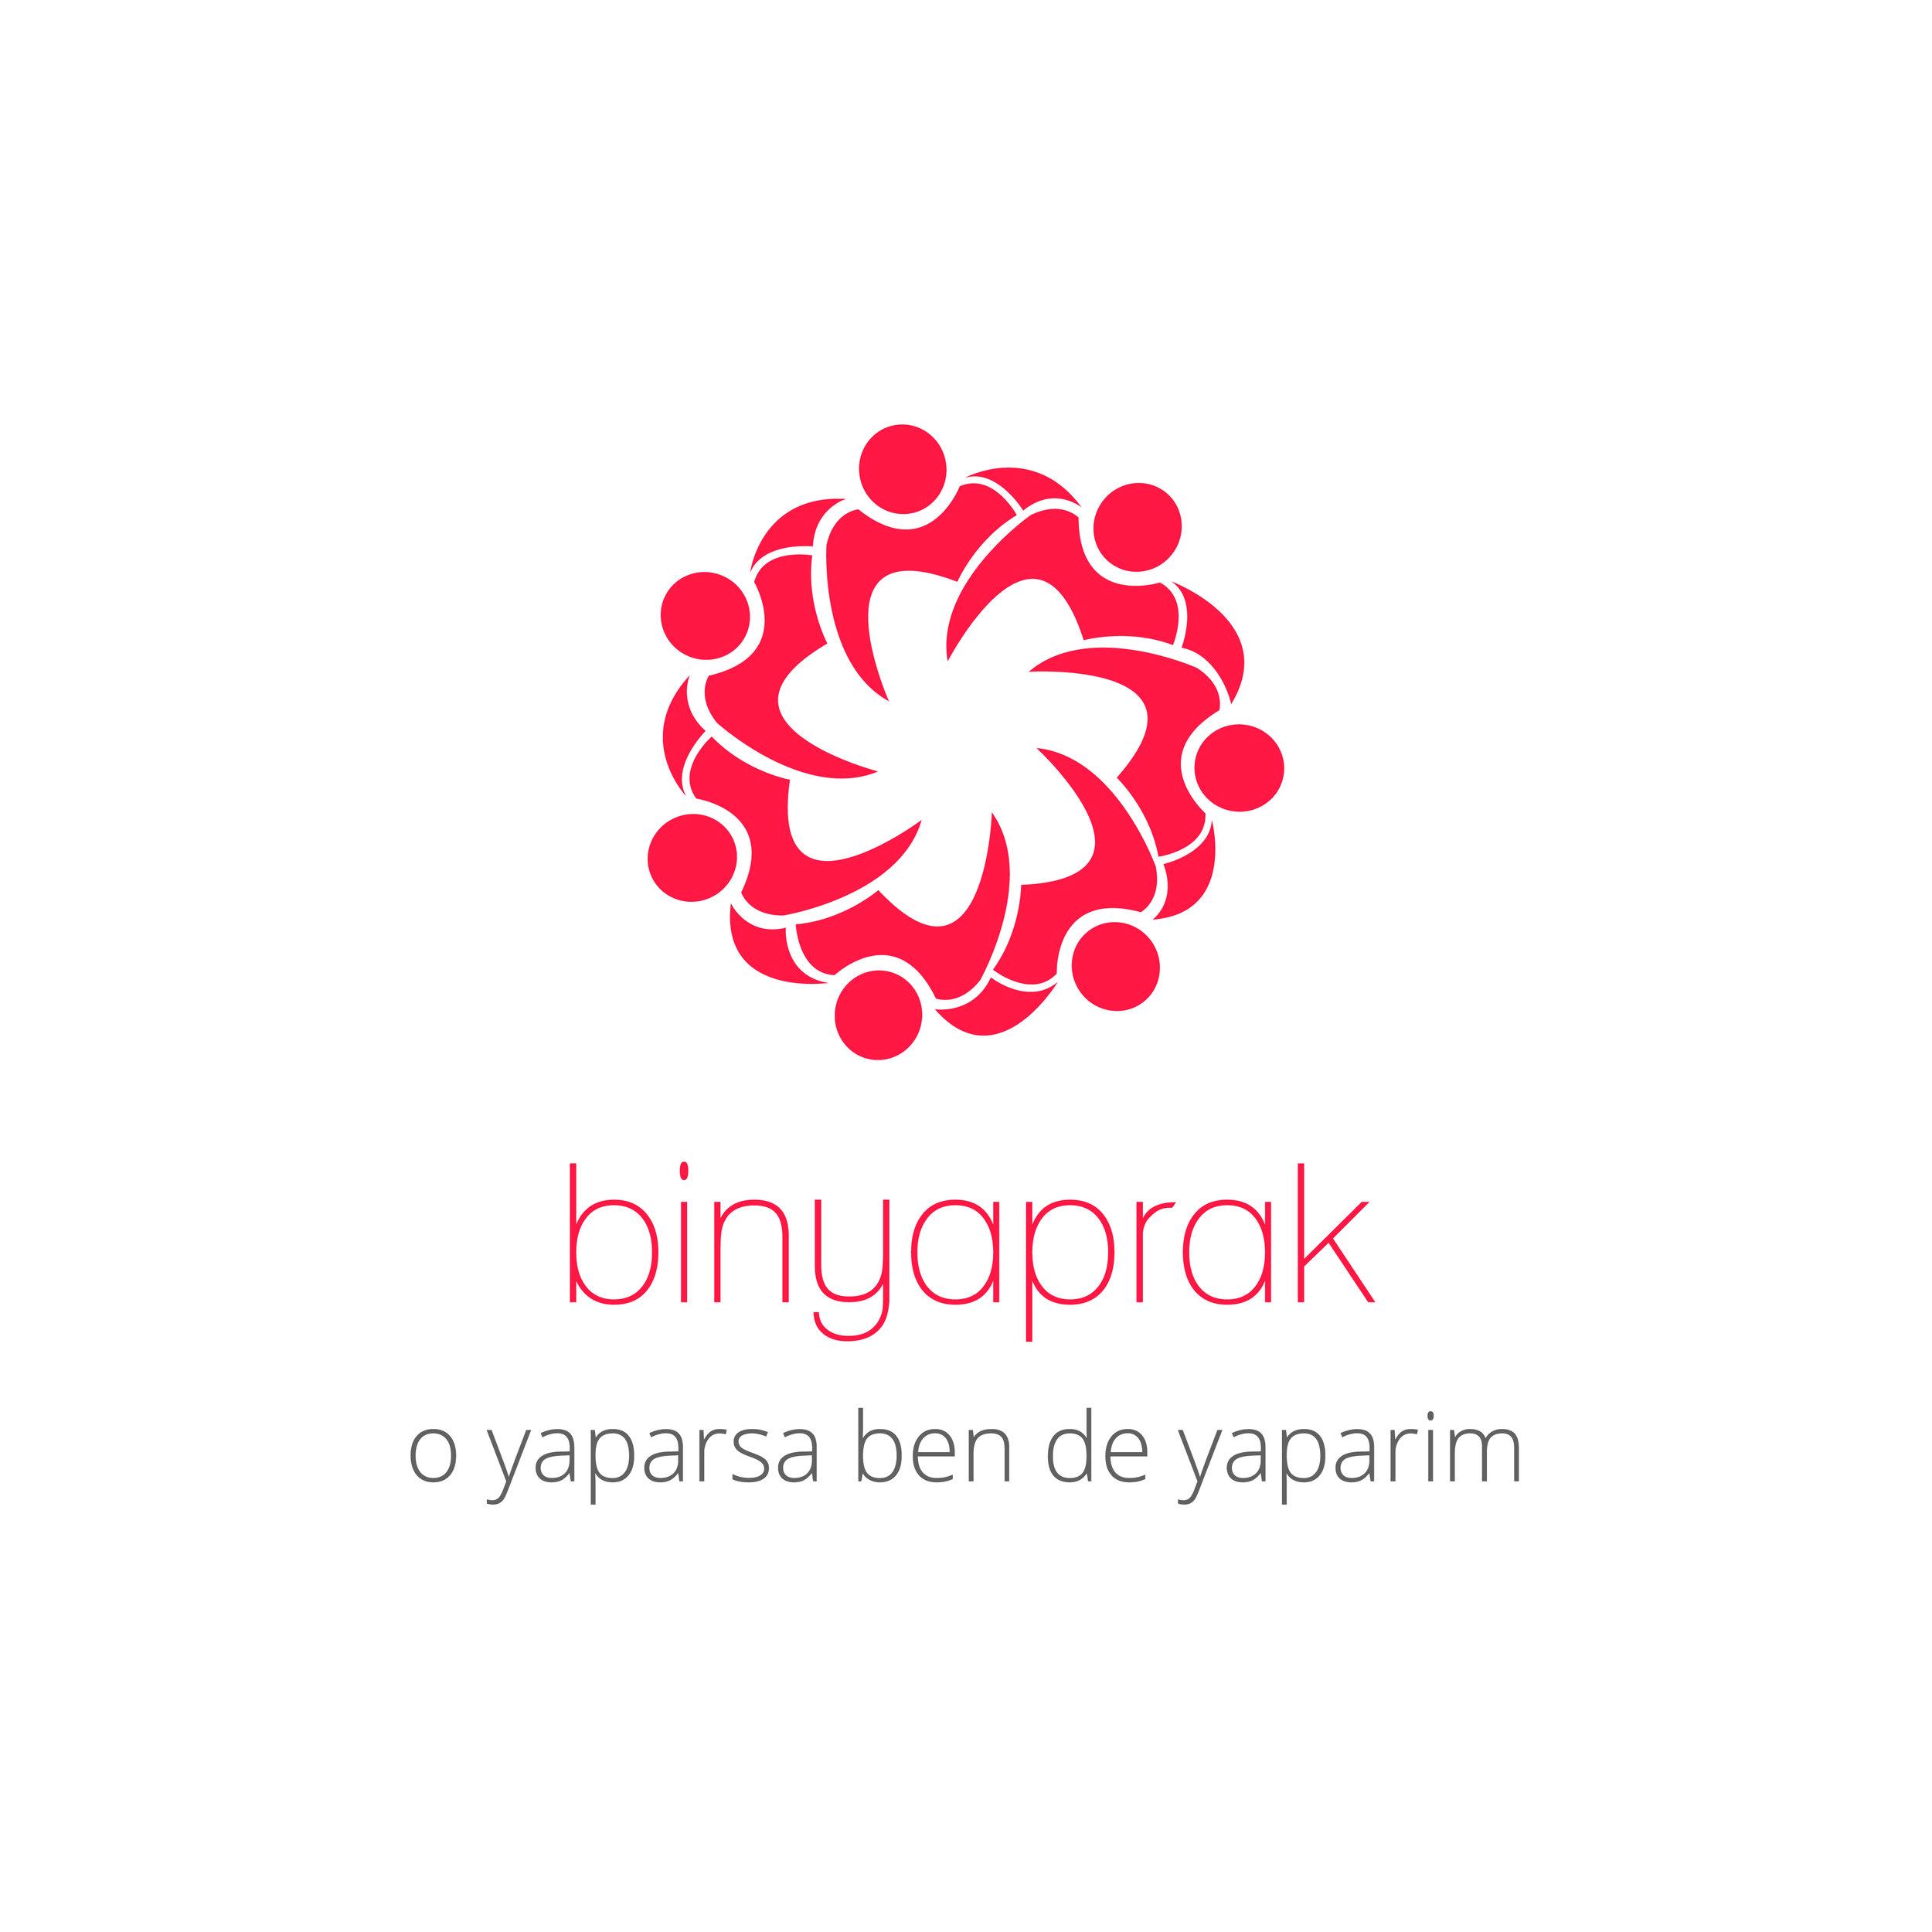 LOGO_Binyaprak (Yarrow Flower).jpg